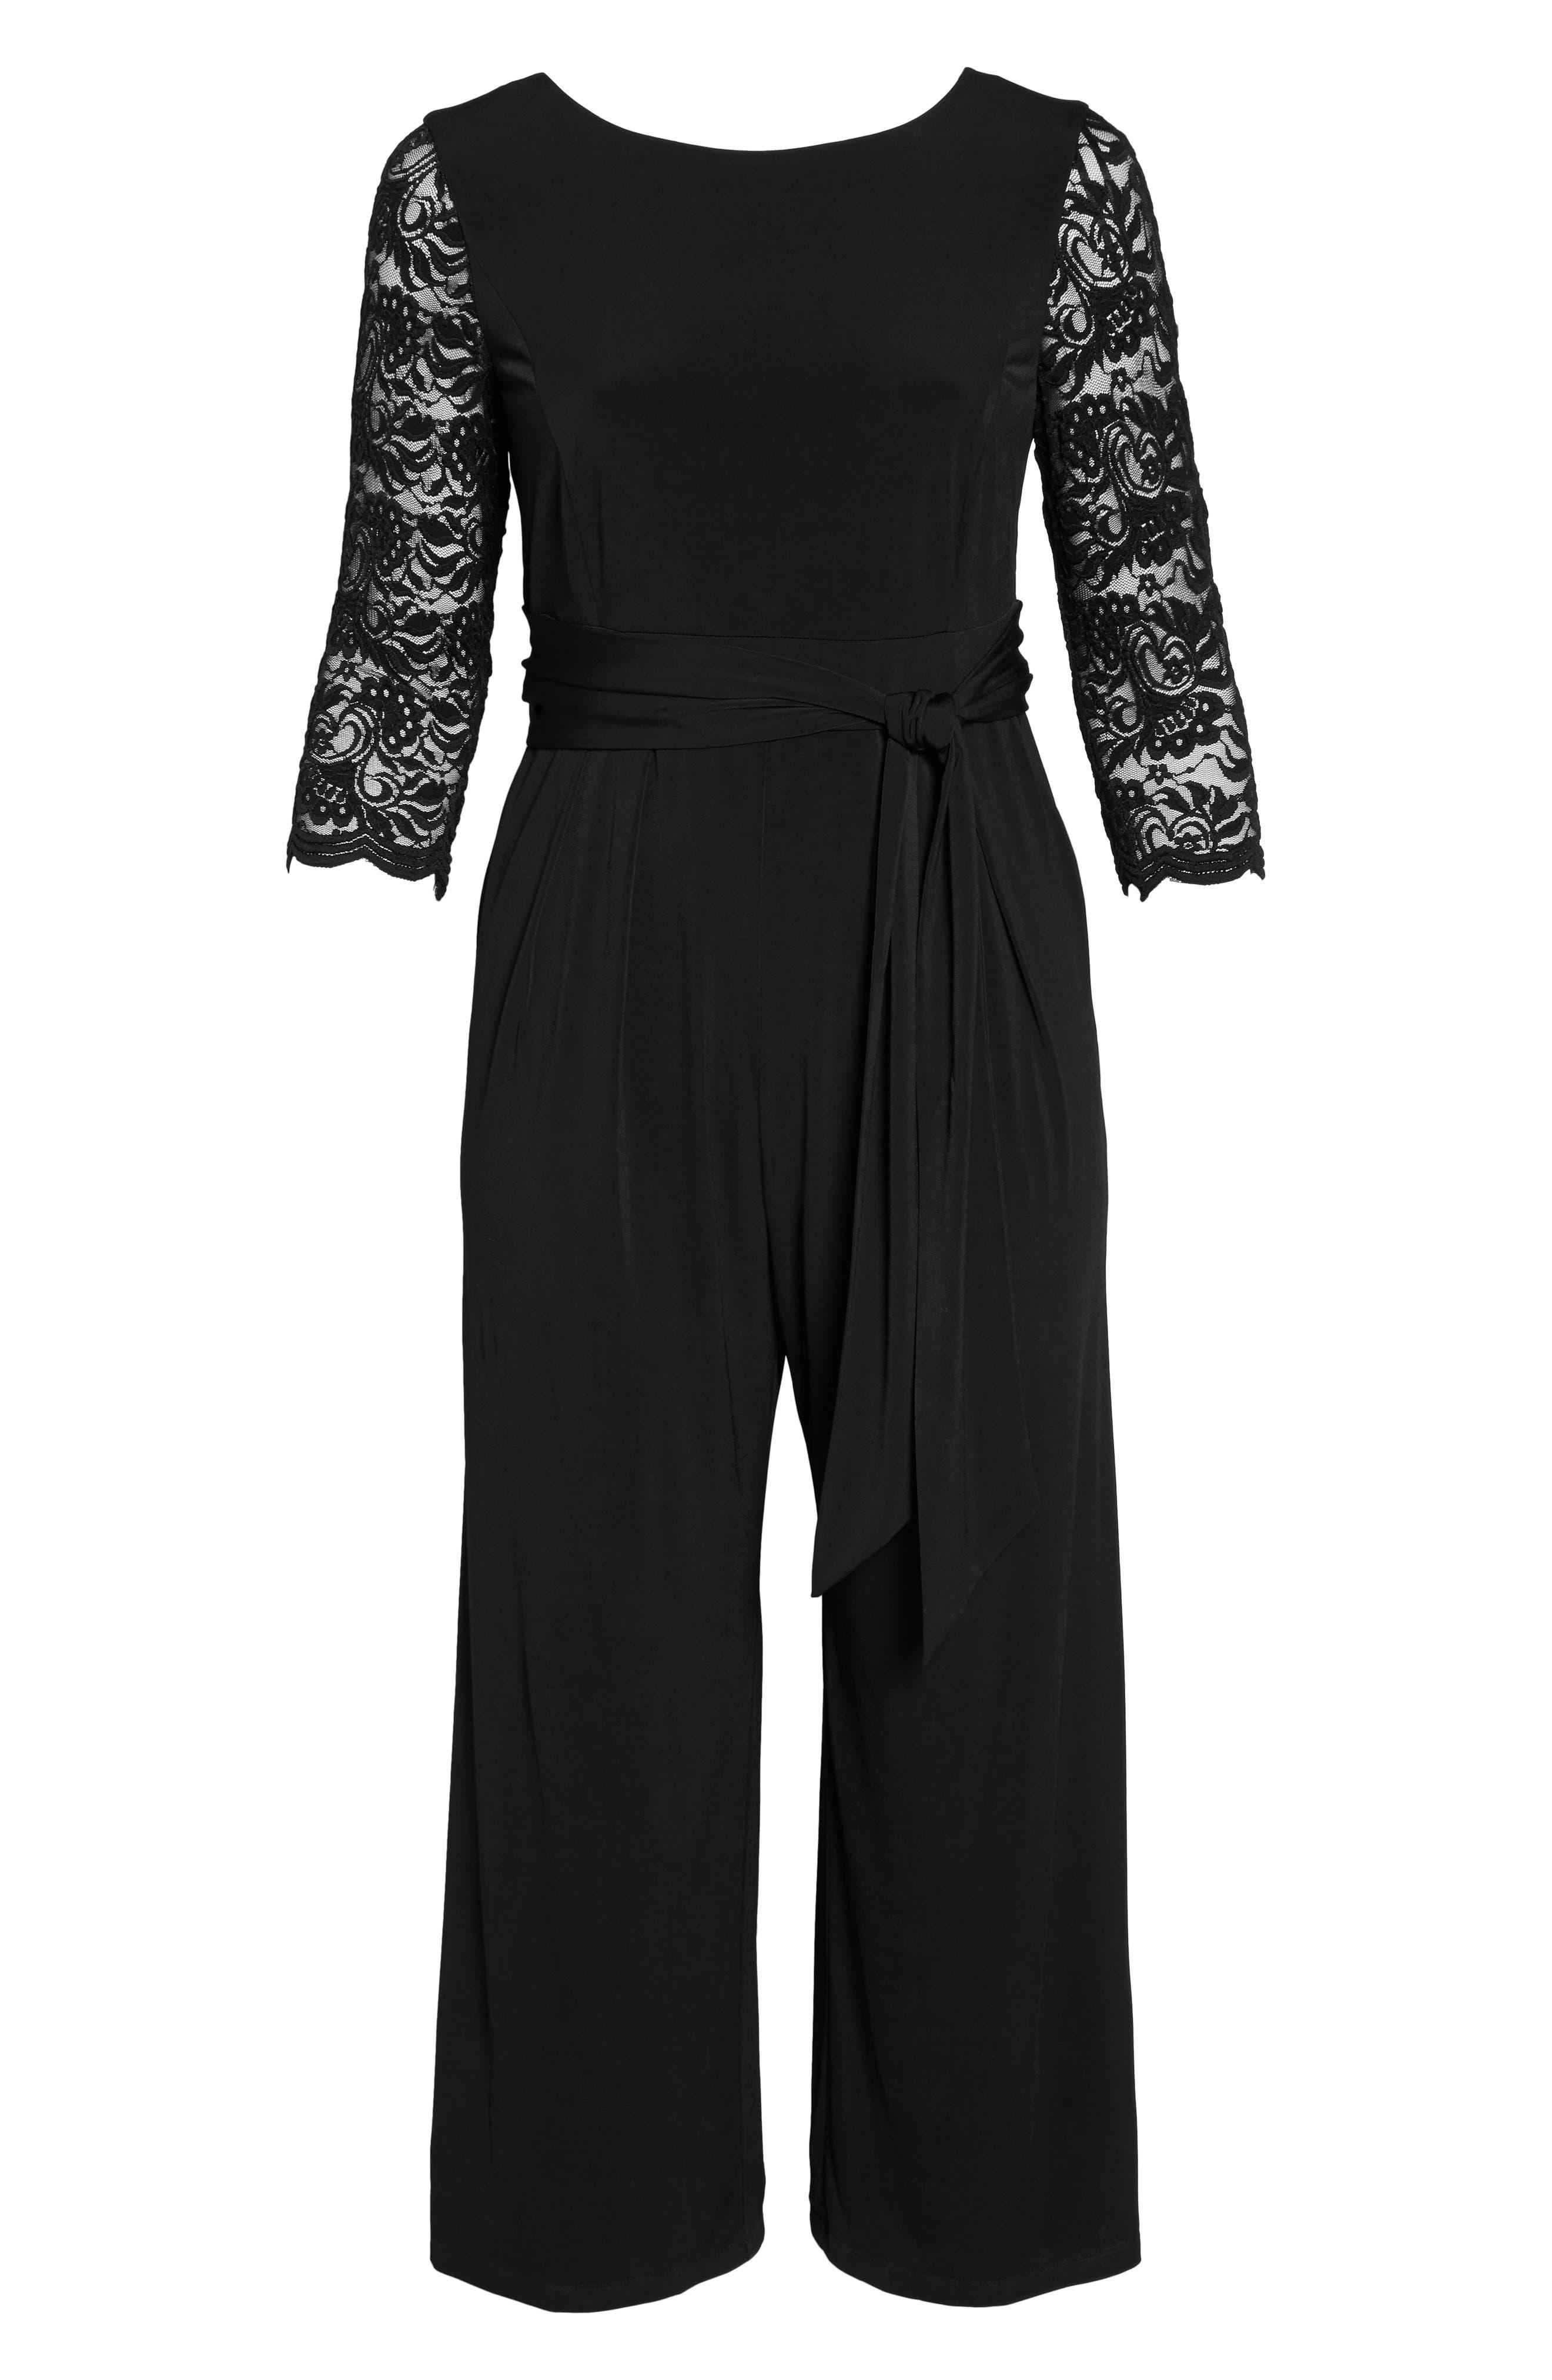 Lace Sleeve Jumpsuit,                             Alternate thumbnail 6, color,                             Black